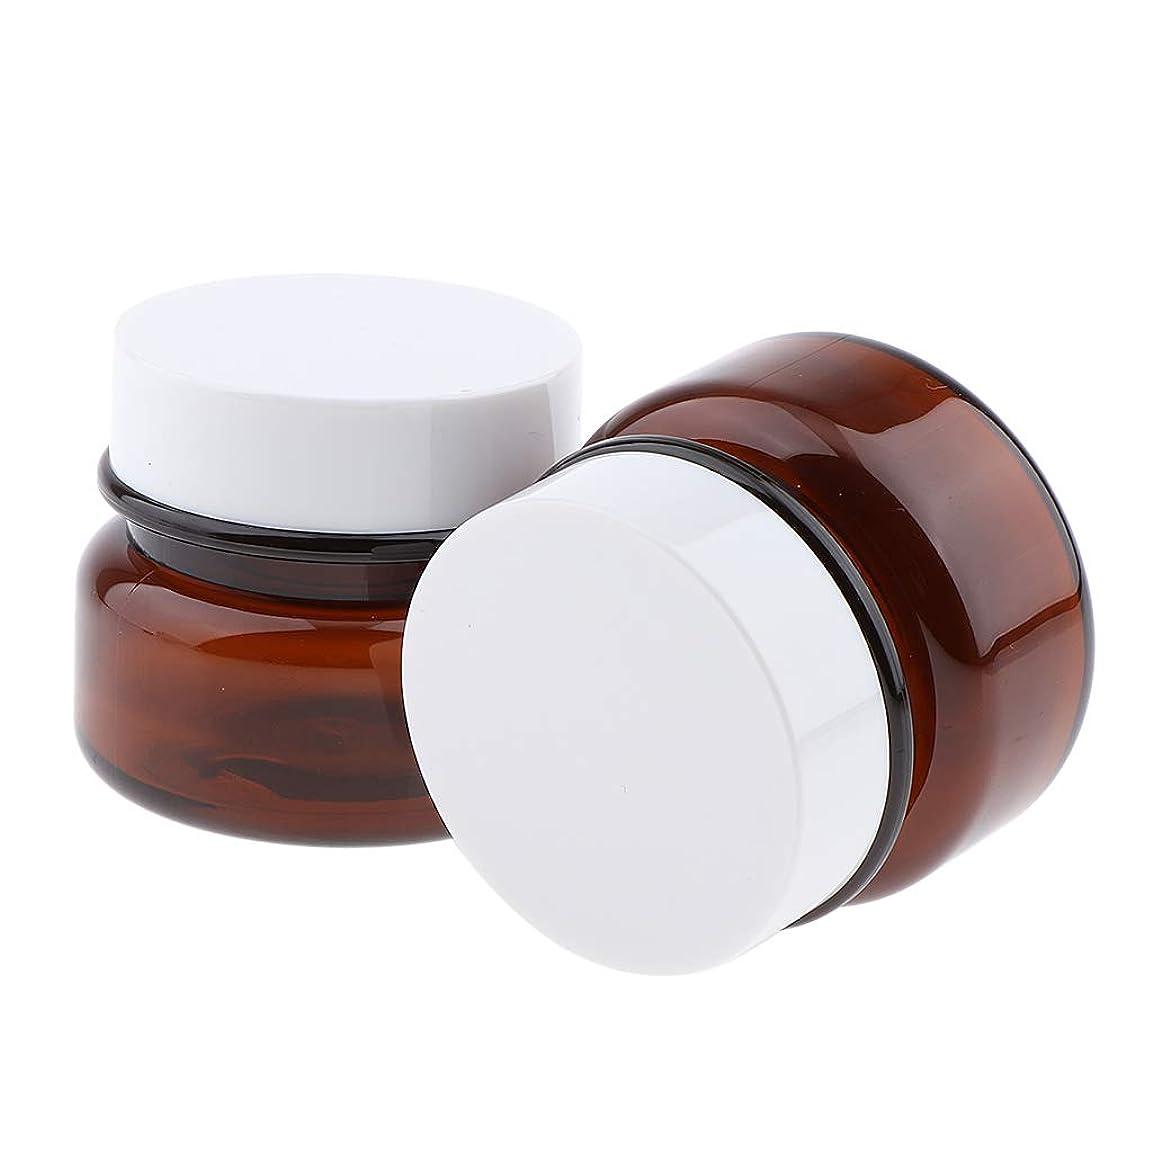 胚行進うめきToygogo 2個50Gポータブル空のプラスチック化粧品クリームジャーポット詰め替え可能なトラベルメイクアップコンテナ